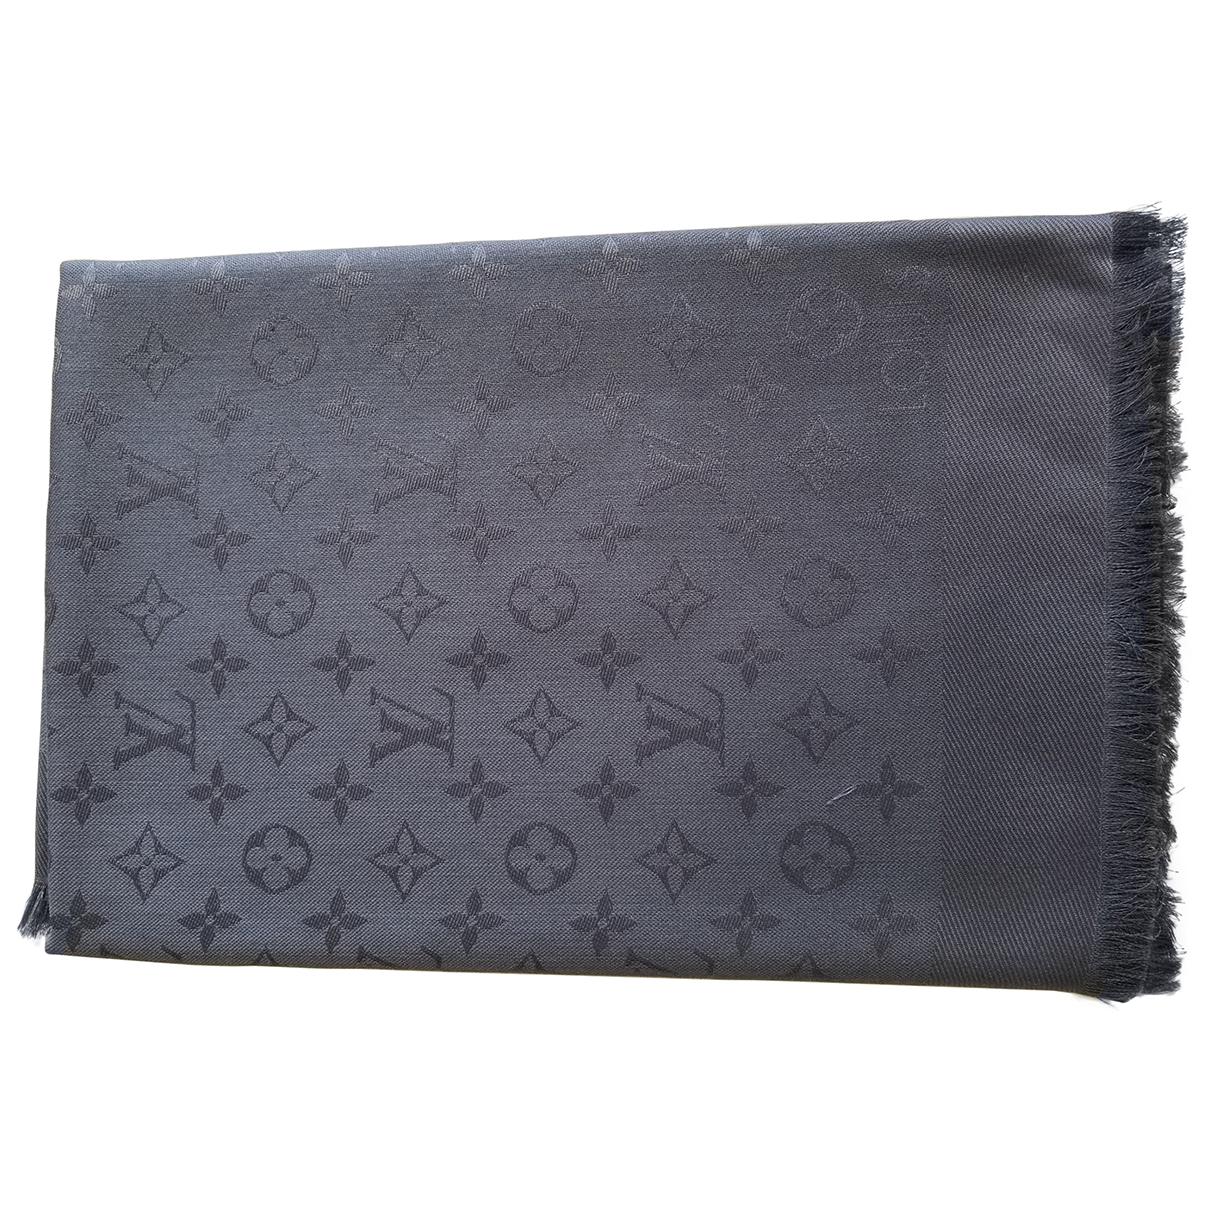 Estola Chale Monogram de Cachemira Louis Vuitton